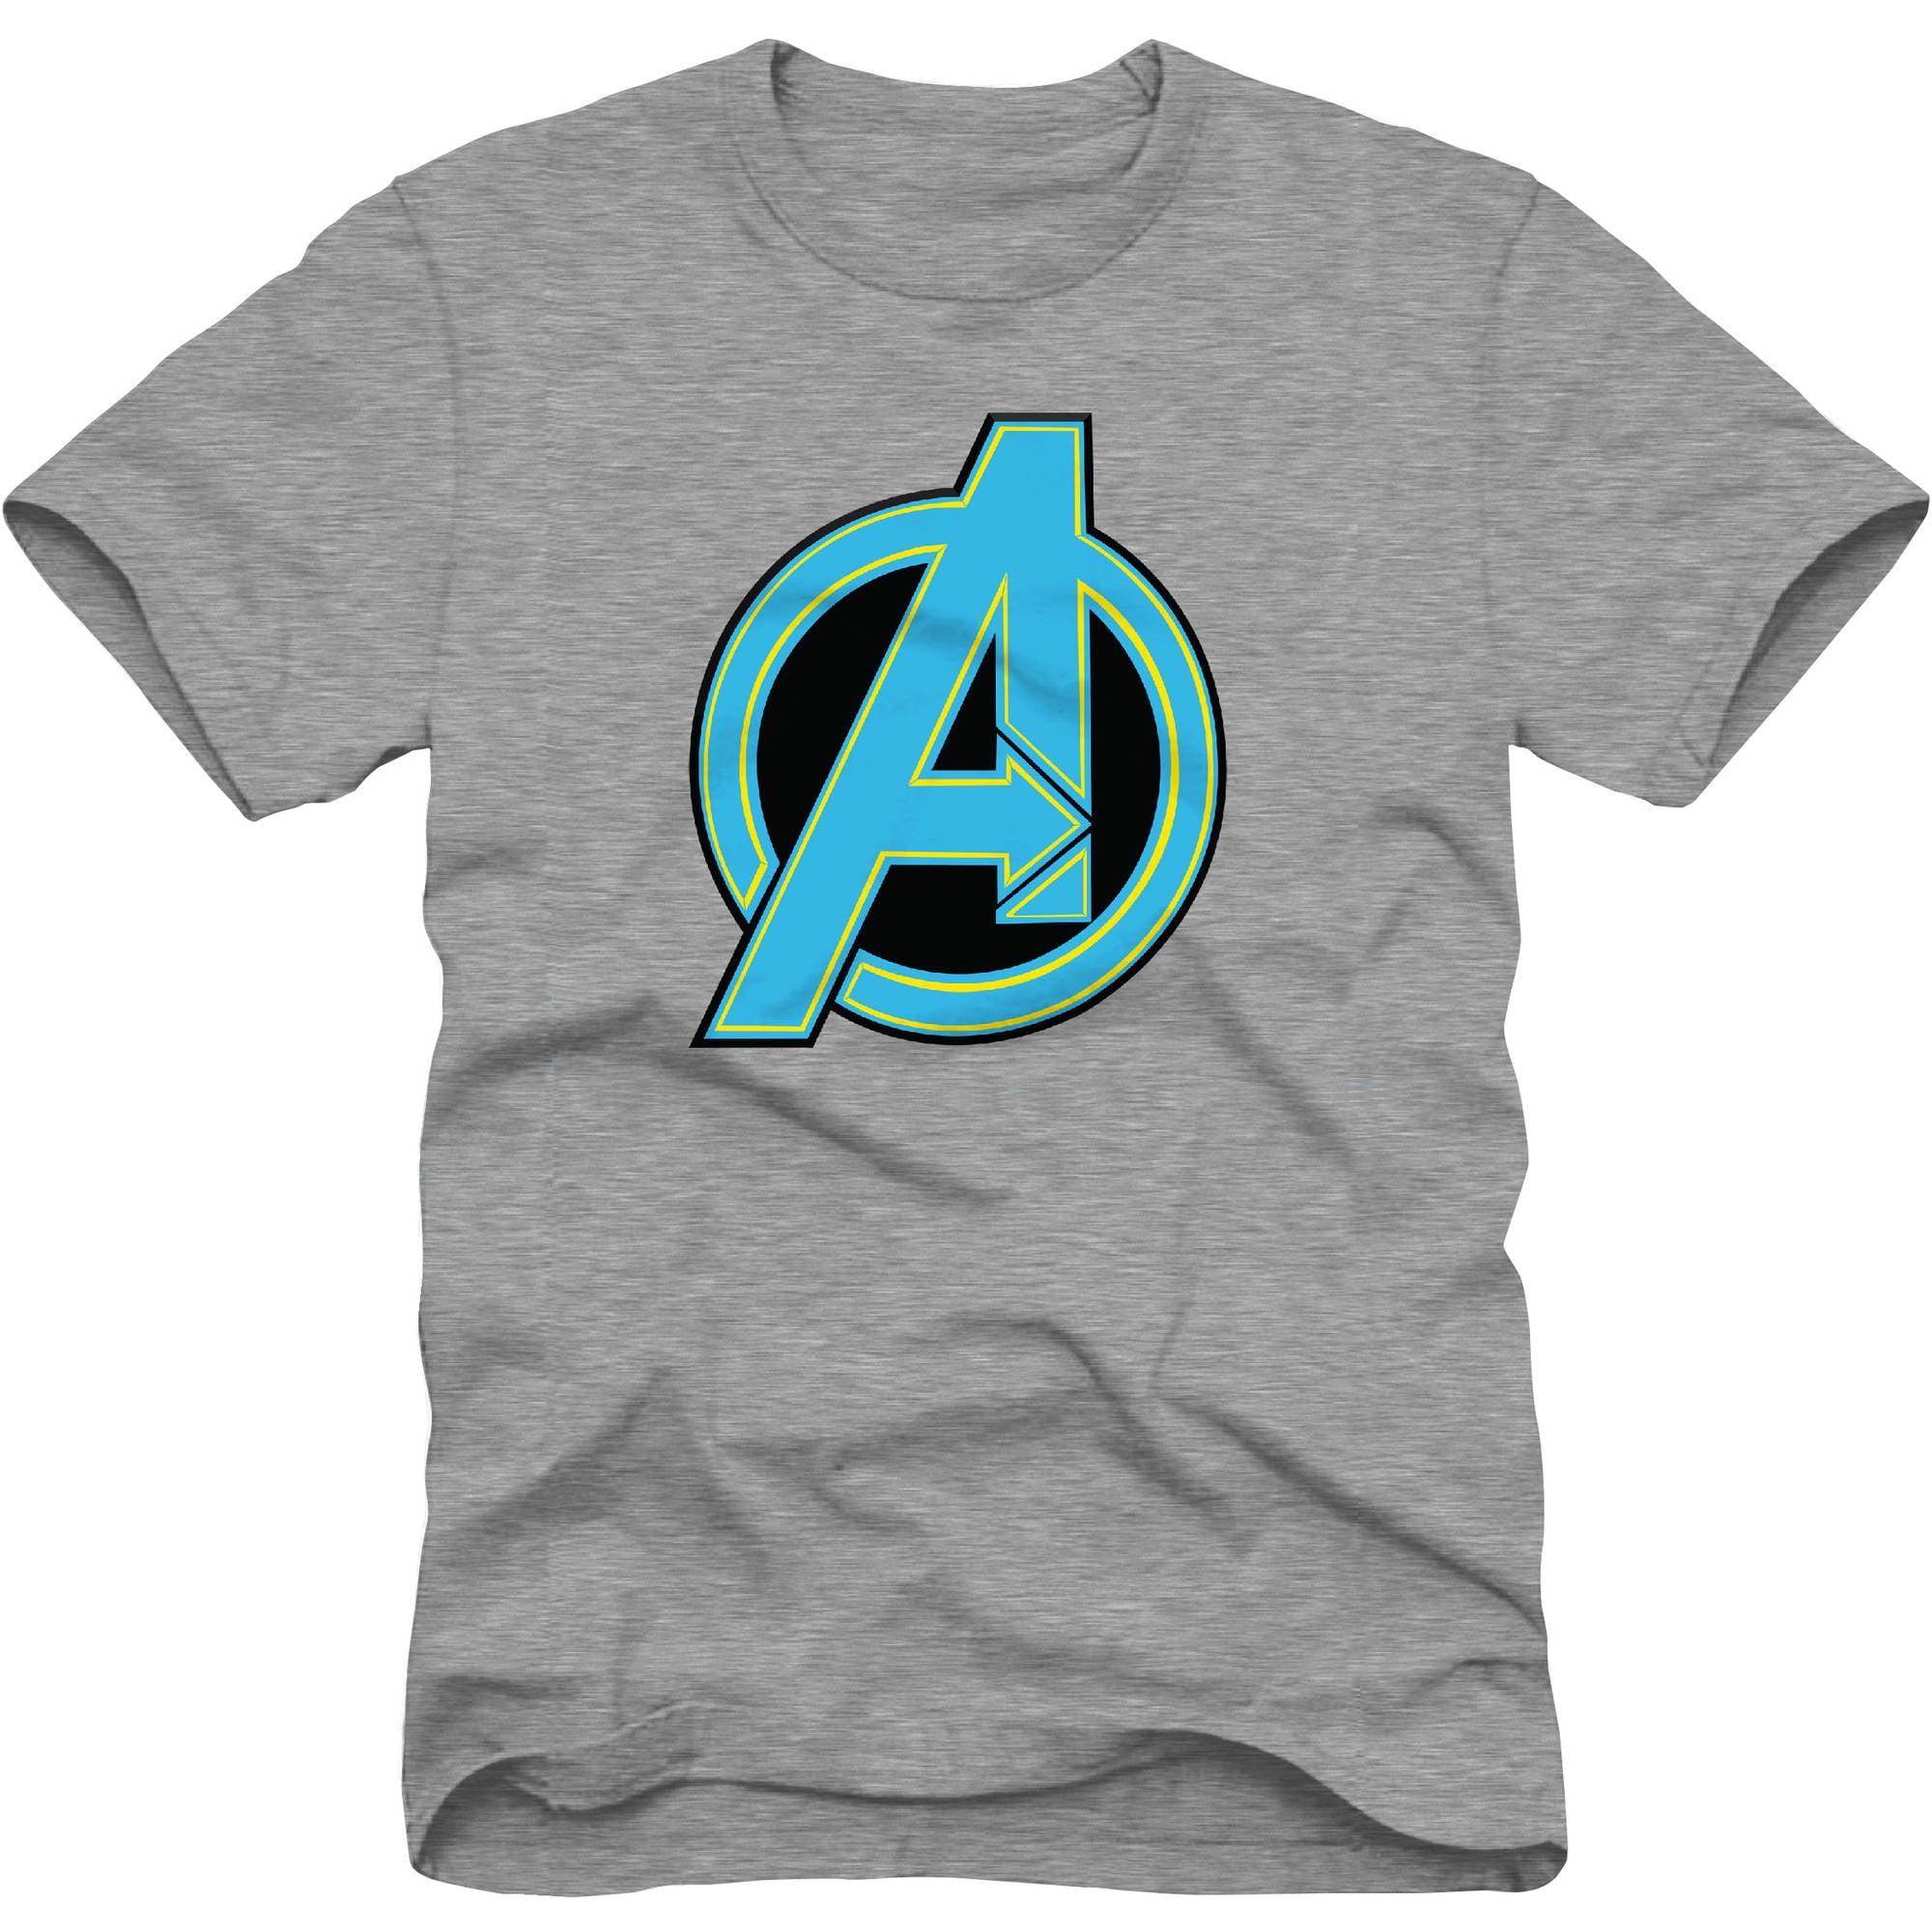 Marvel Avengers Logo Boys Graphic Tee